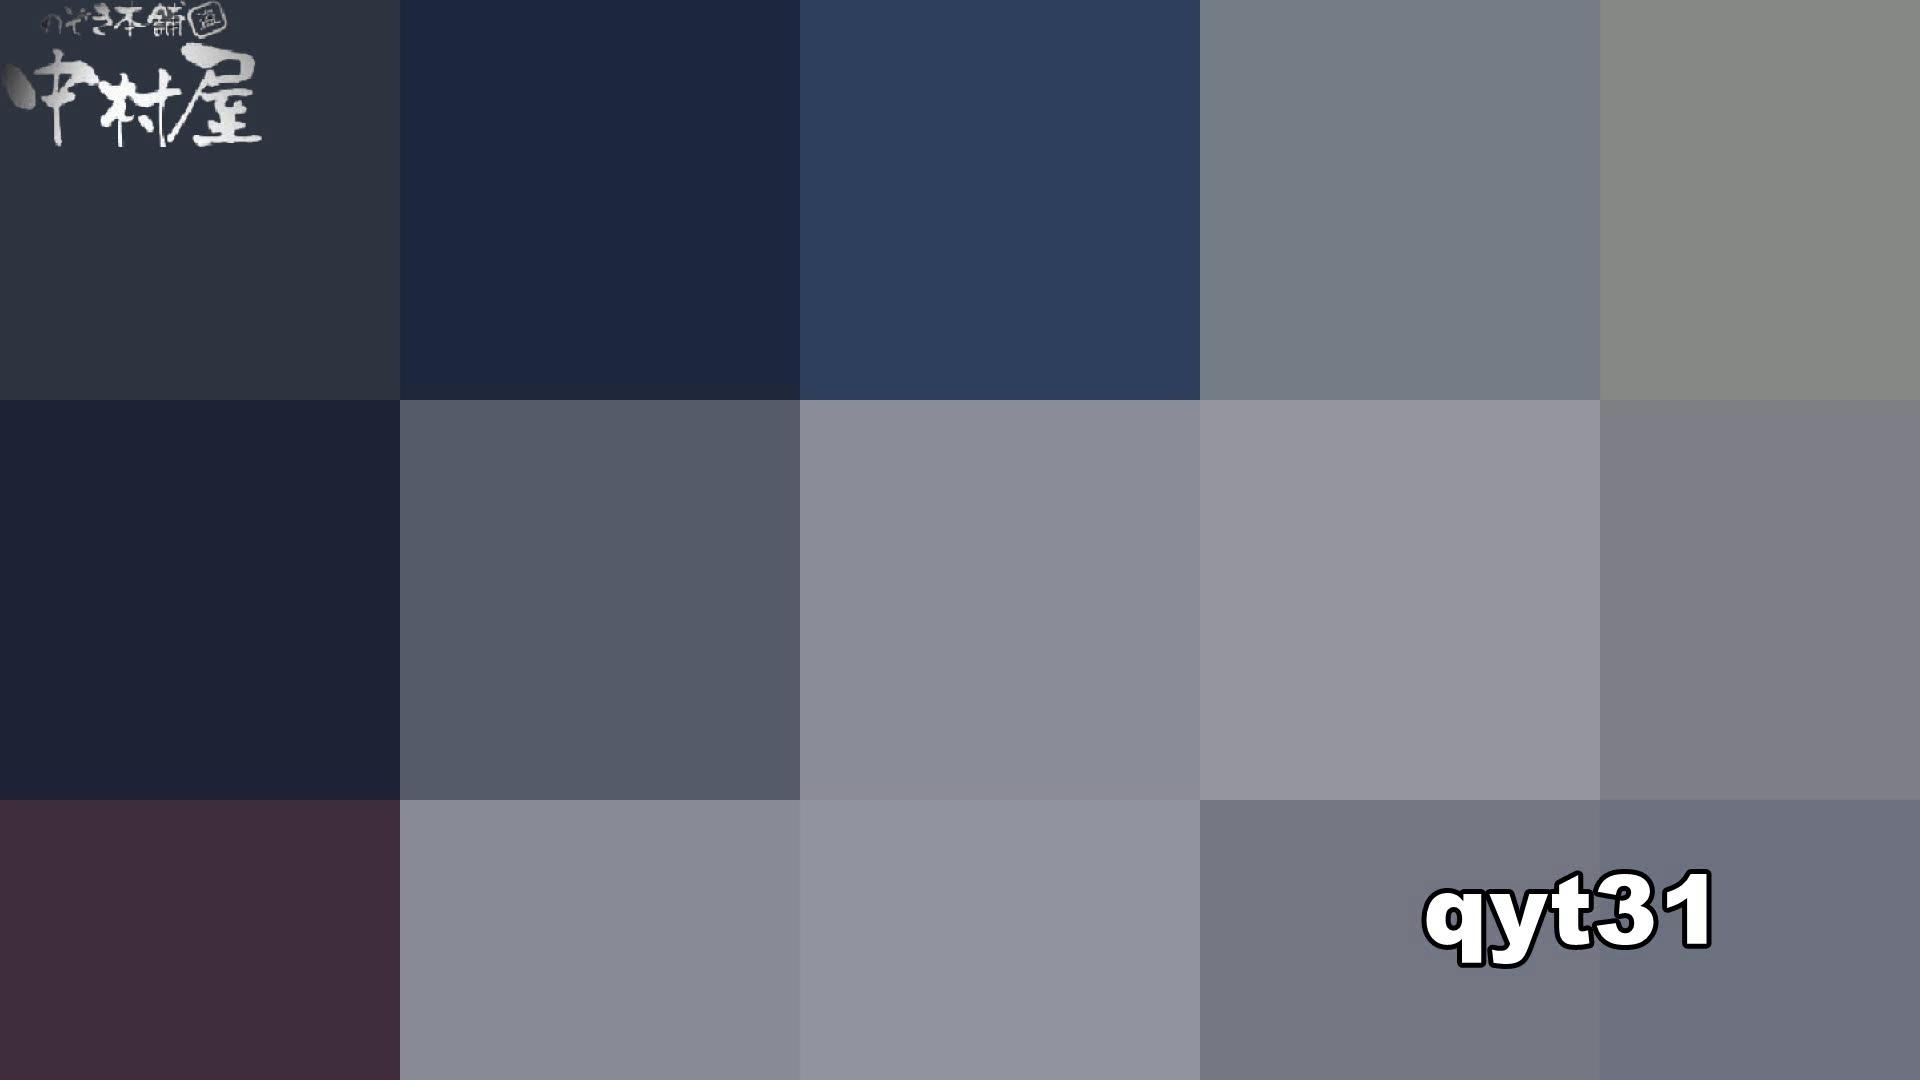 【お銀さんの「洗面所突入レポート!!」】お銀さんの「洗面所突入レポート!!」 vol.31 Σ(||゚Д゚)ヒィ~!! 洗面所 | 綺麗なOLたち  71枚 15